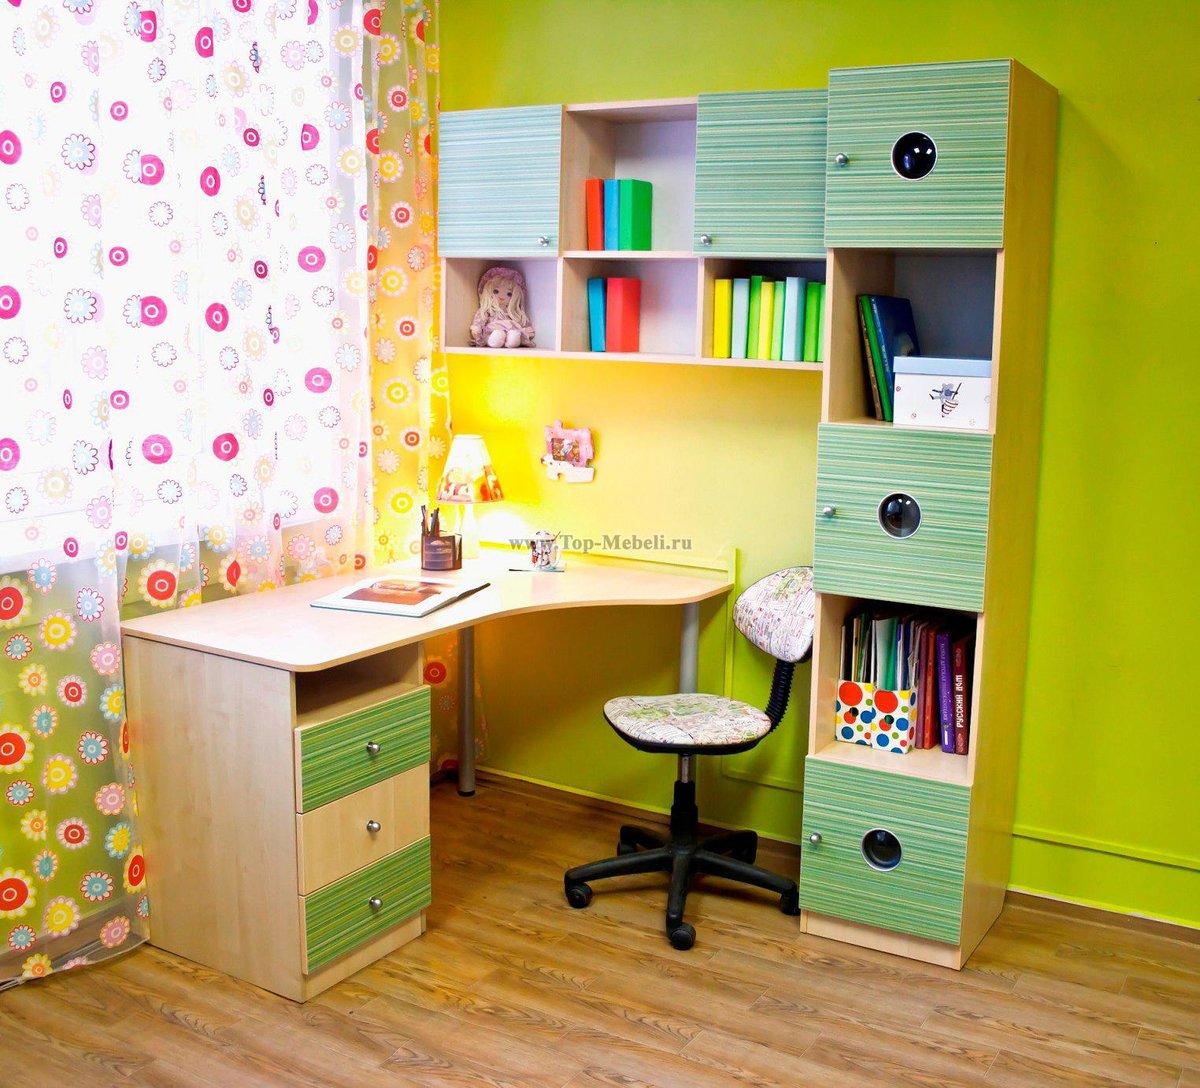 например, маленькая картинка в углу рабочего стола важно, чтобы дама